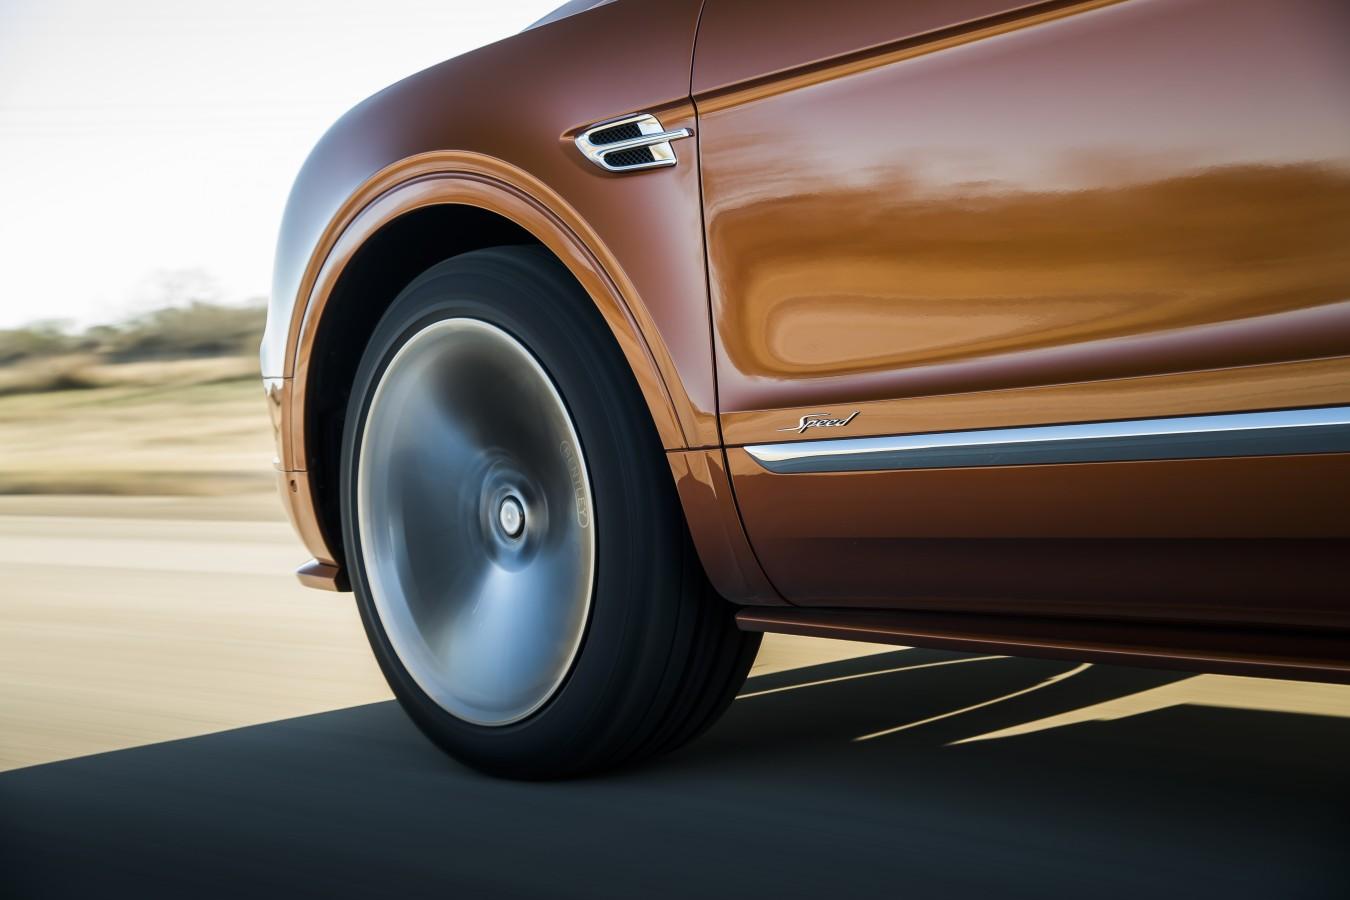 НОВЫЙ BENTLEY BENTAYGA SPEED - изображение Bentayga-Speed-8 на Bentleymoscow.ru!